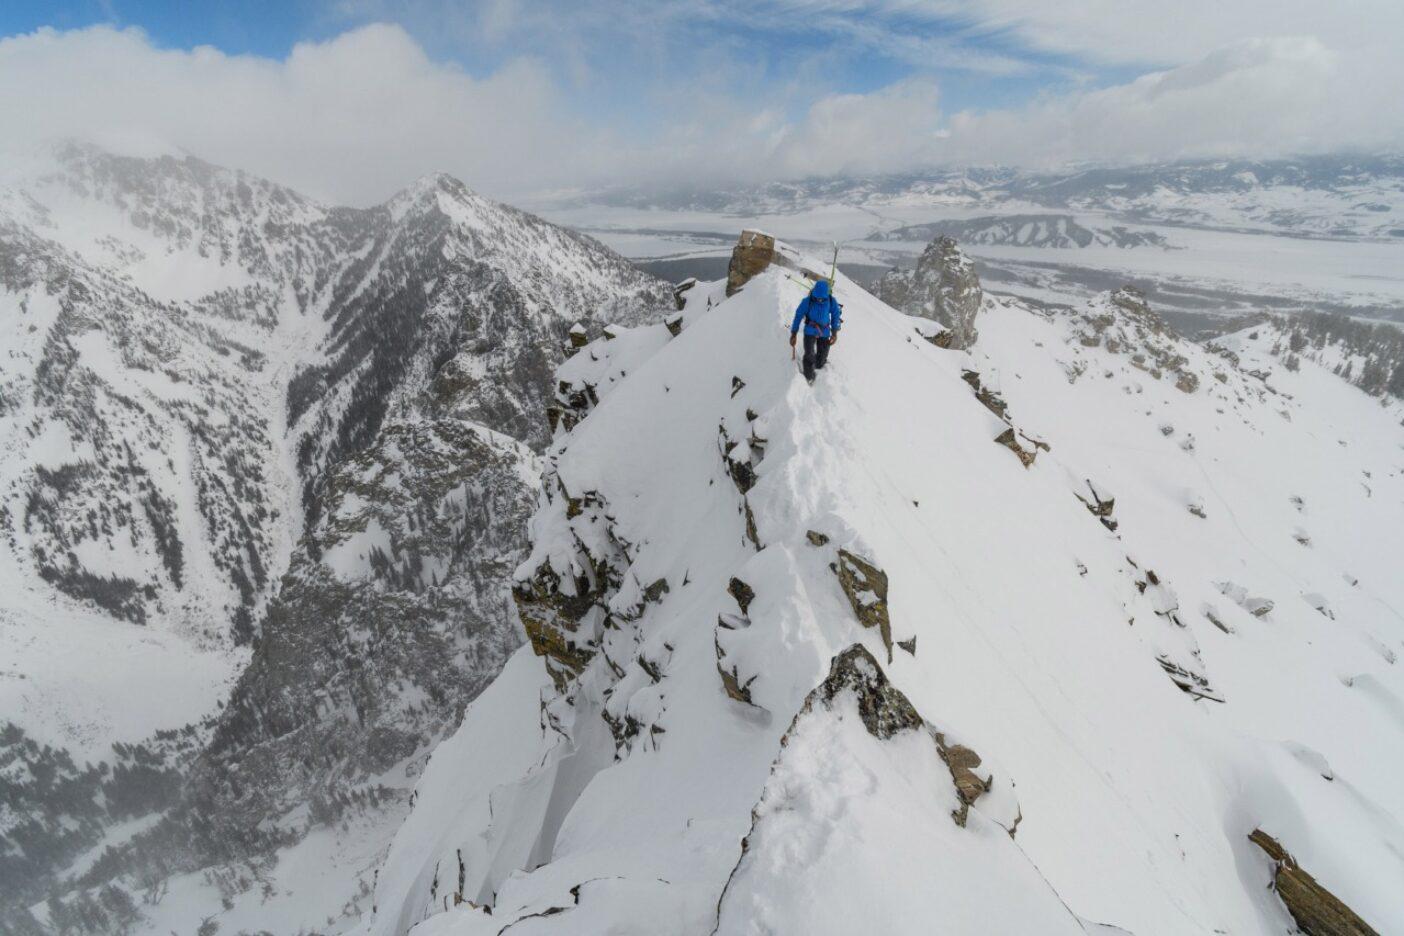 ザハンの人生は、その均衡がつねに変化するなかで、十分なリスクと高すぎるリスクのあいだにある境界線をいく。簡単な答えはない。あるのは山への愛とそれを人にも楽しませたいという願いだけ。ワイオミング州ティトン山脈Photo:Fredrik Marmsater